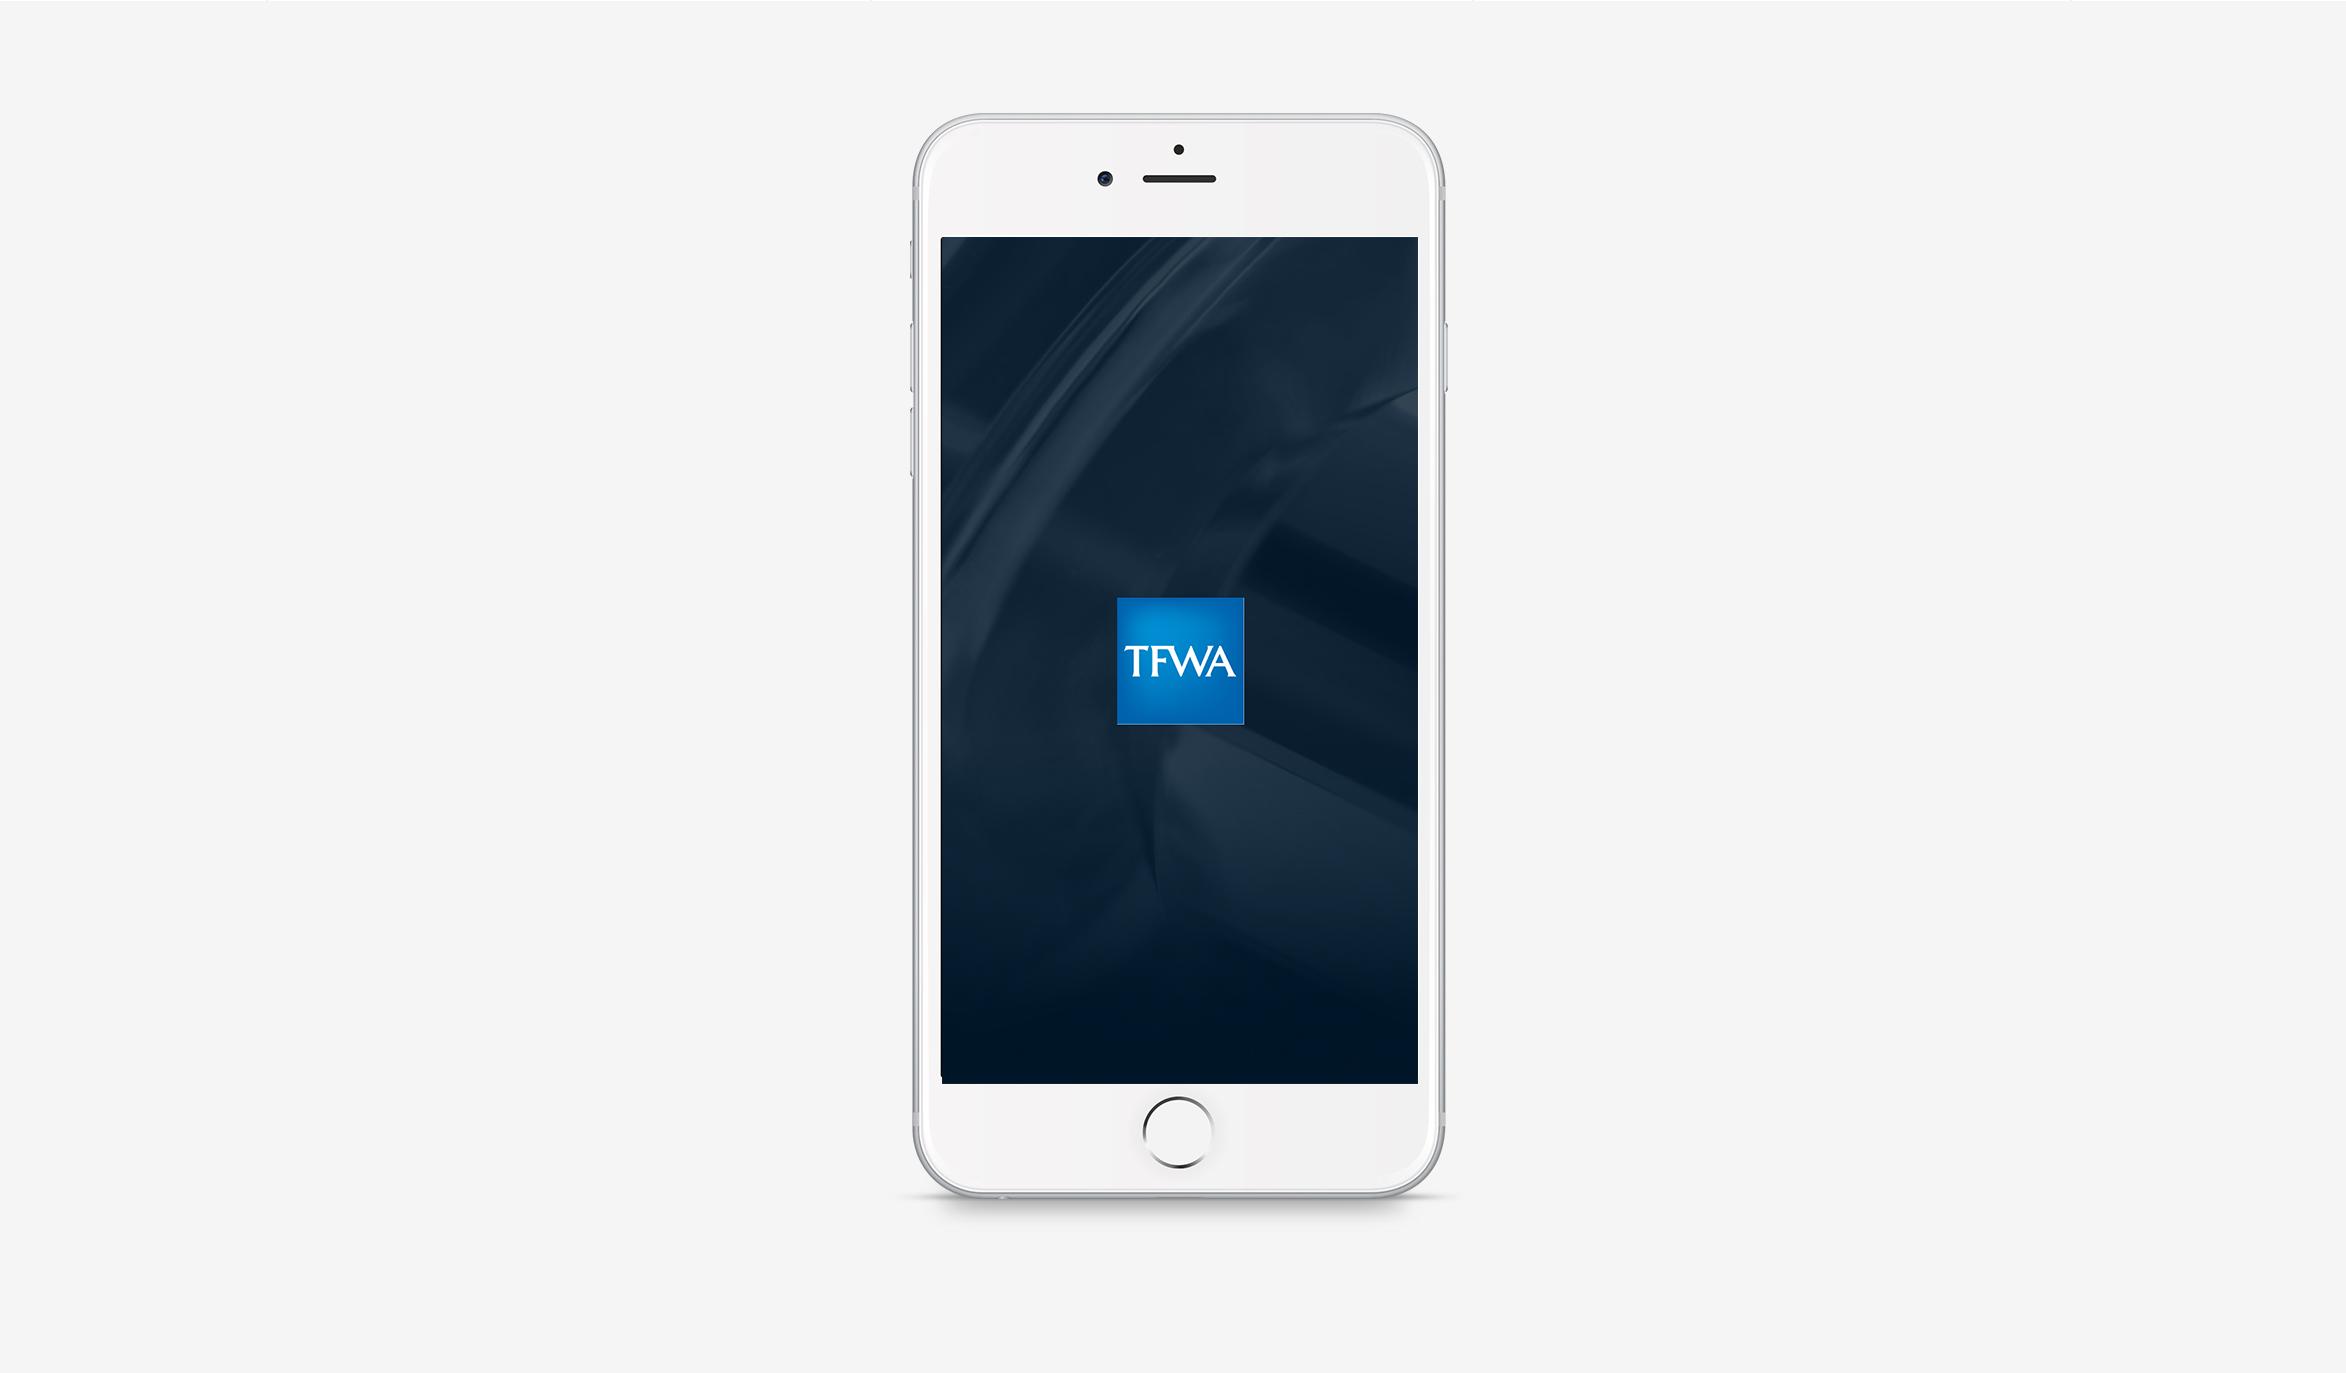 TFWA-1